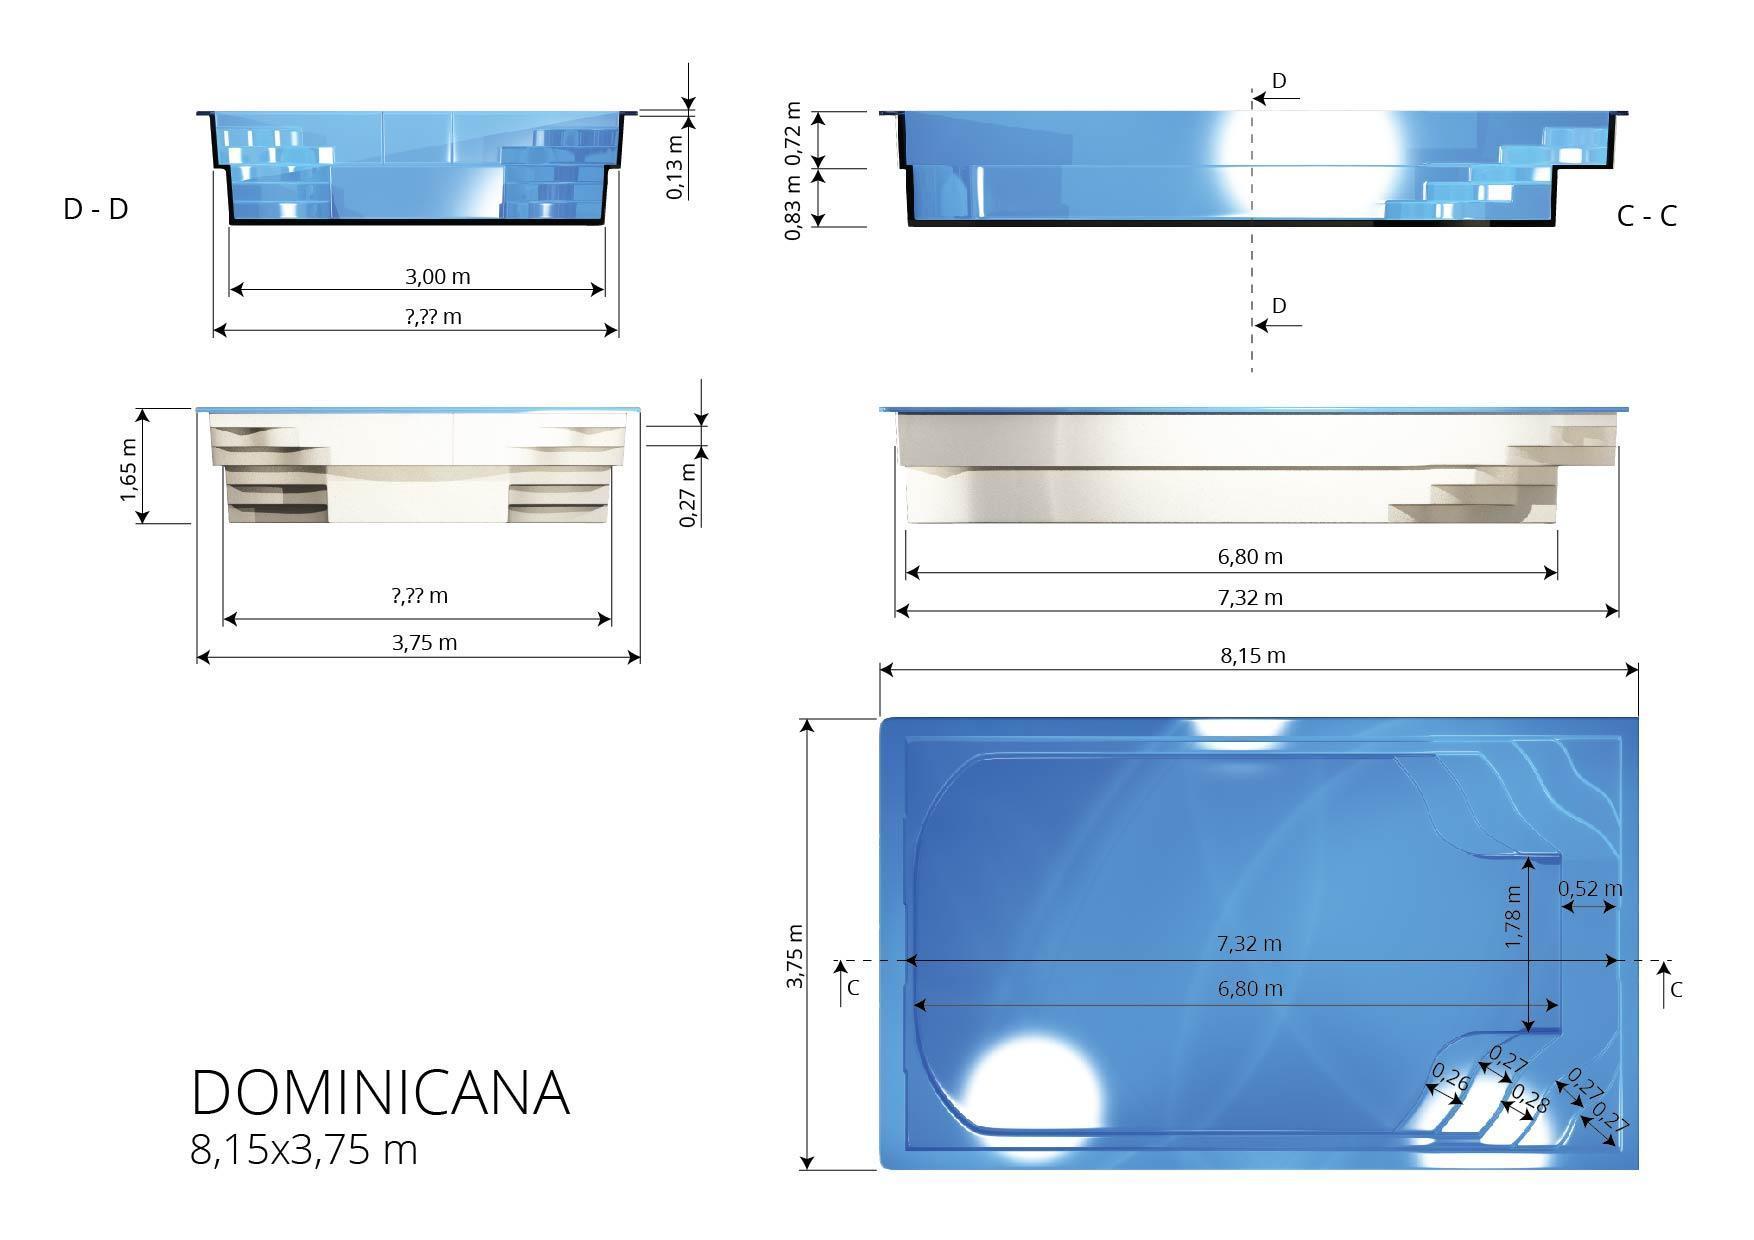 Gfk Schwimmbecken 8,00x3,20x1,50 Swimming Pool Zubehör Einbaubecken Komplettset